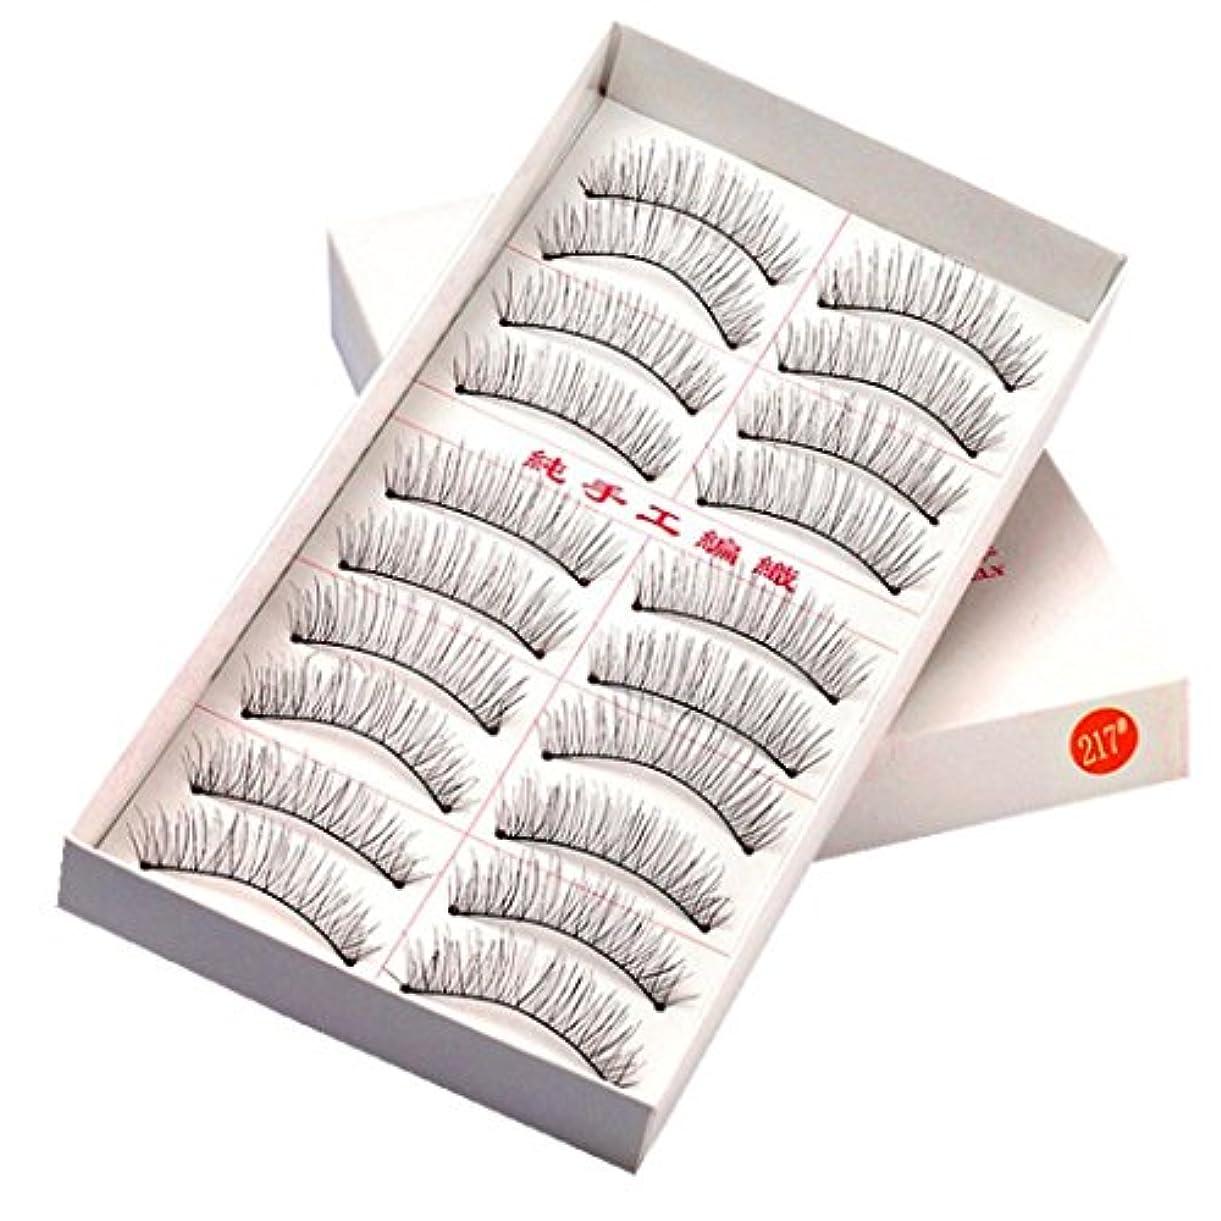 バットバッチプロペラFeteso 10ペアセット つけまつげ 上まつげ Eyelashes アイラッシュ ビューティー まつげエクステ レディース 化粧ツール アイメイクアップ 人気 ナチュラル 飾り ふんわり 装着簡単 綺麗 変身